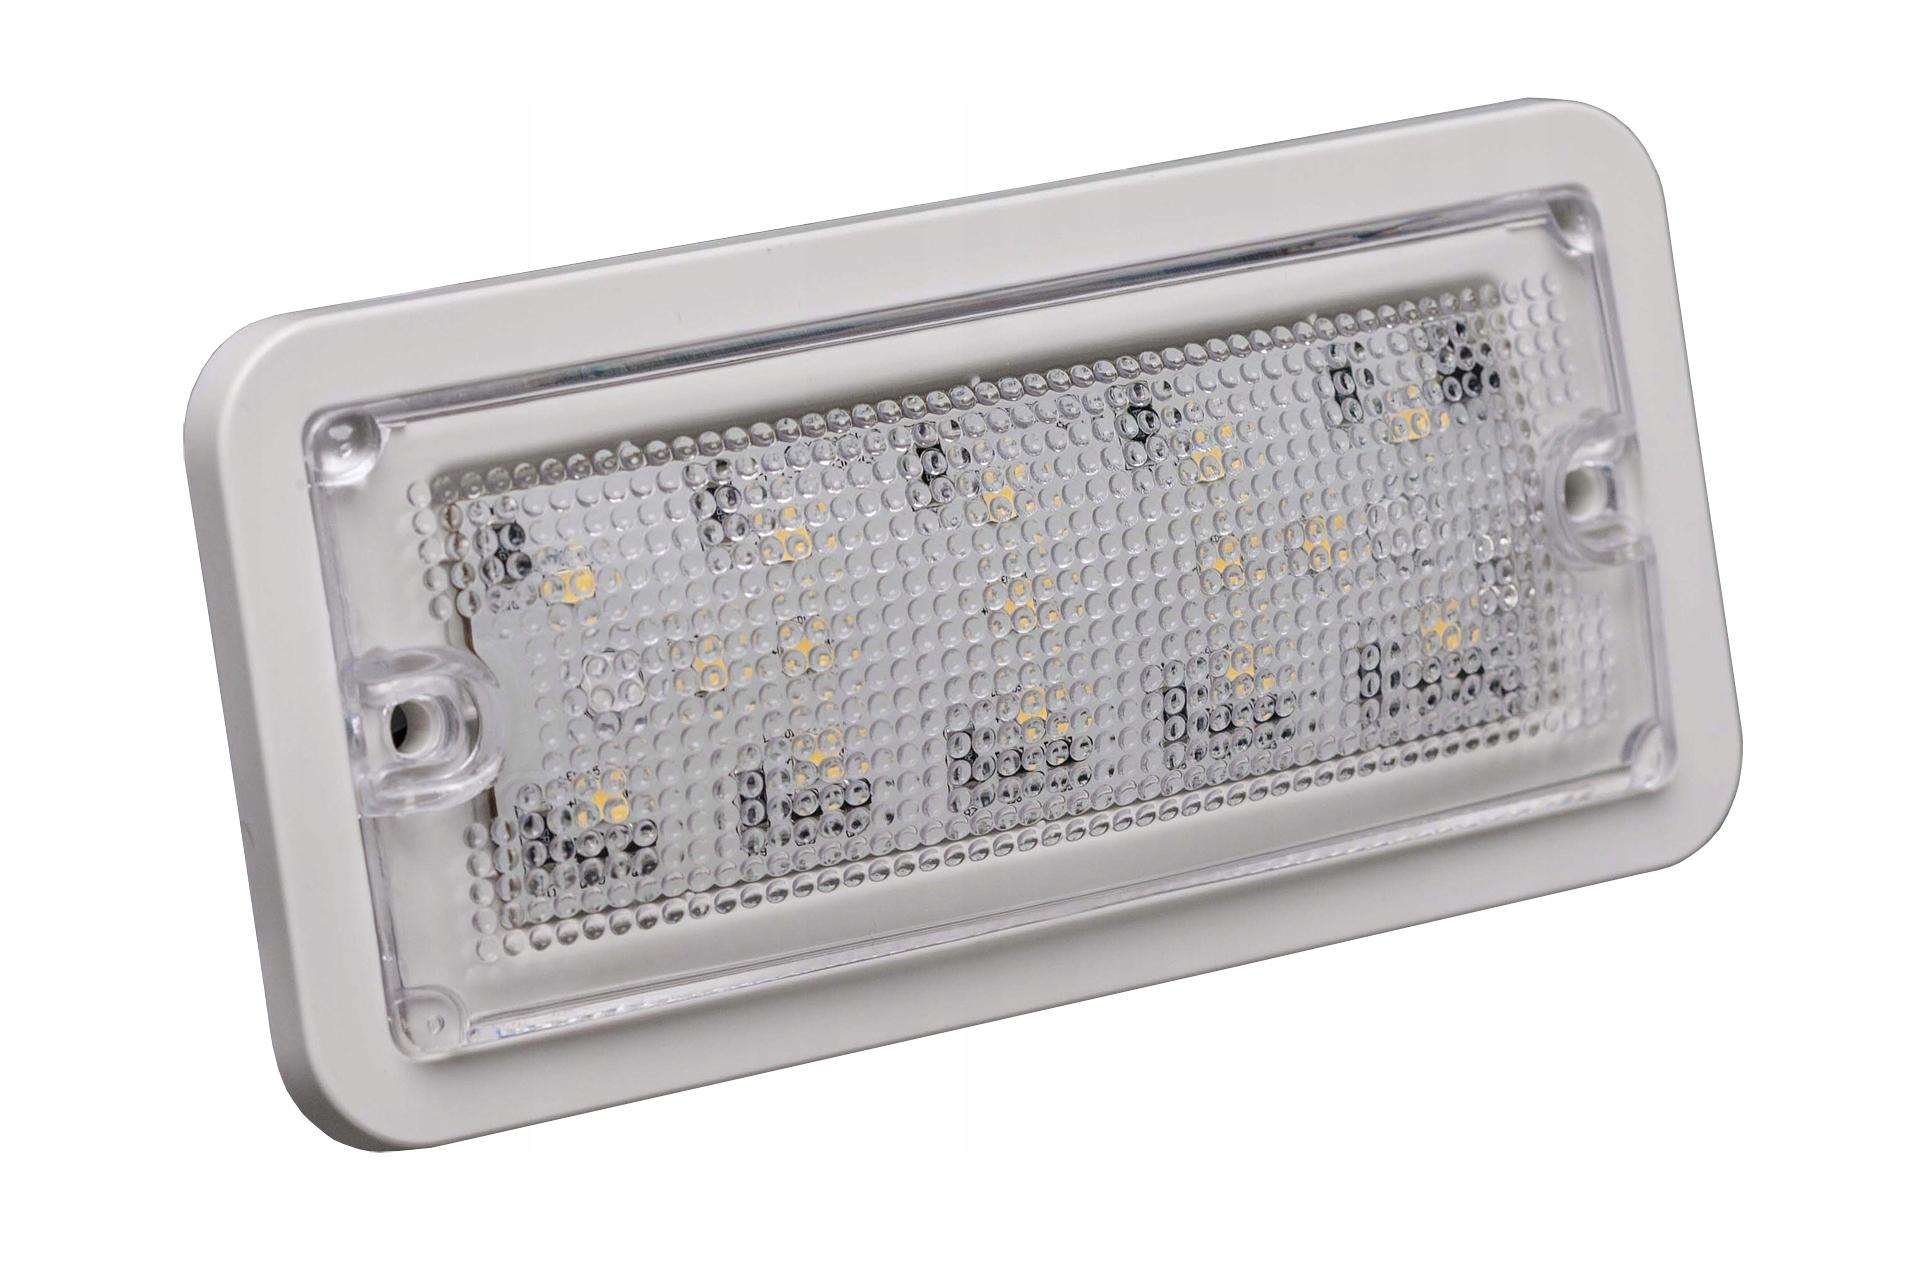 15 LED лампа для внутреннего освещения прямоугольная